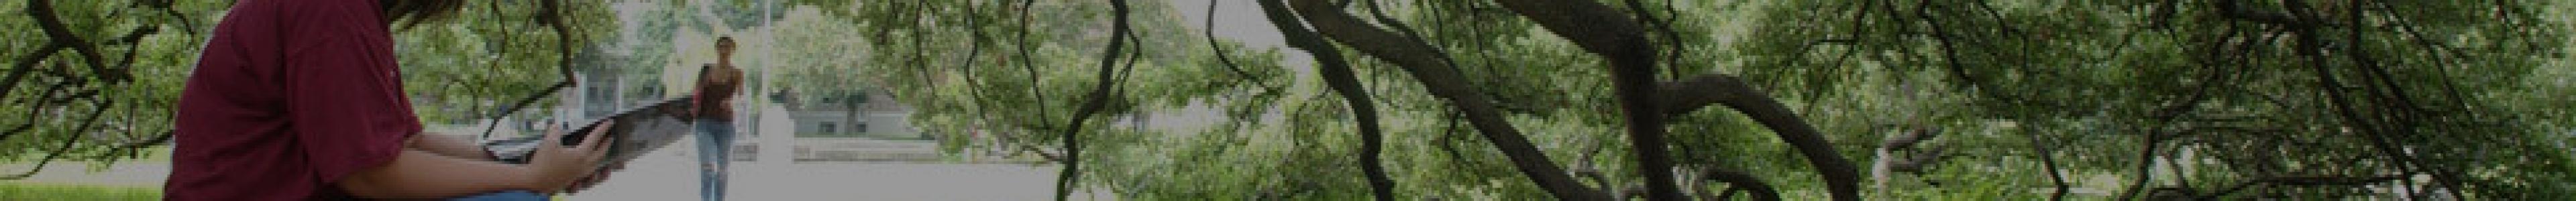 ctree